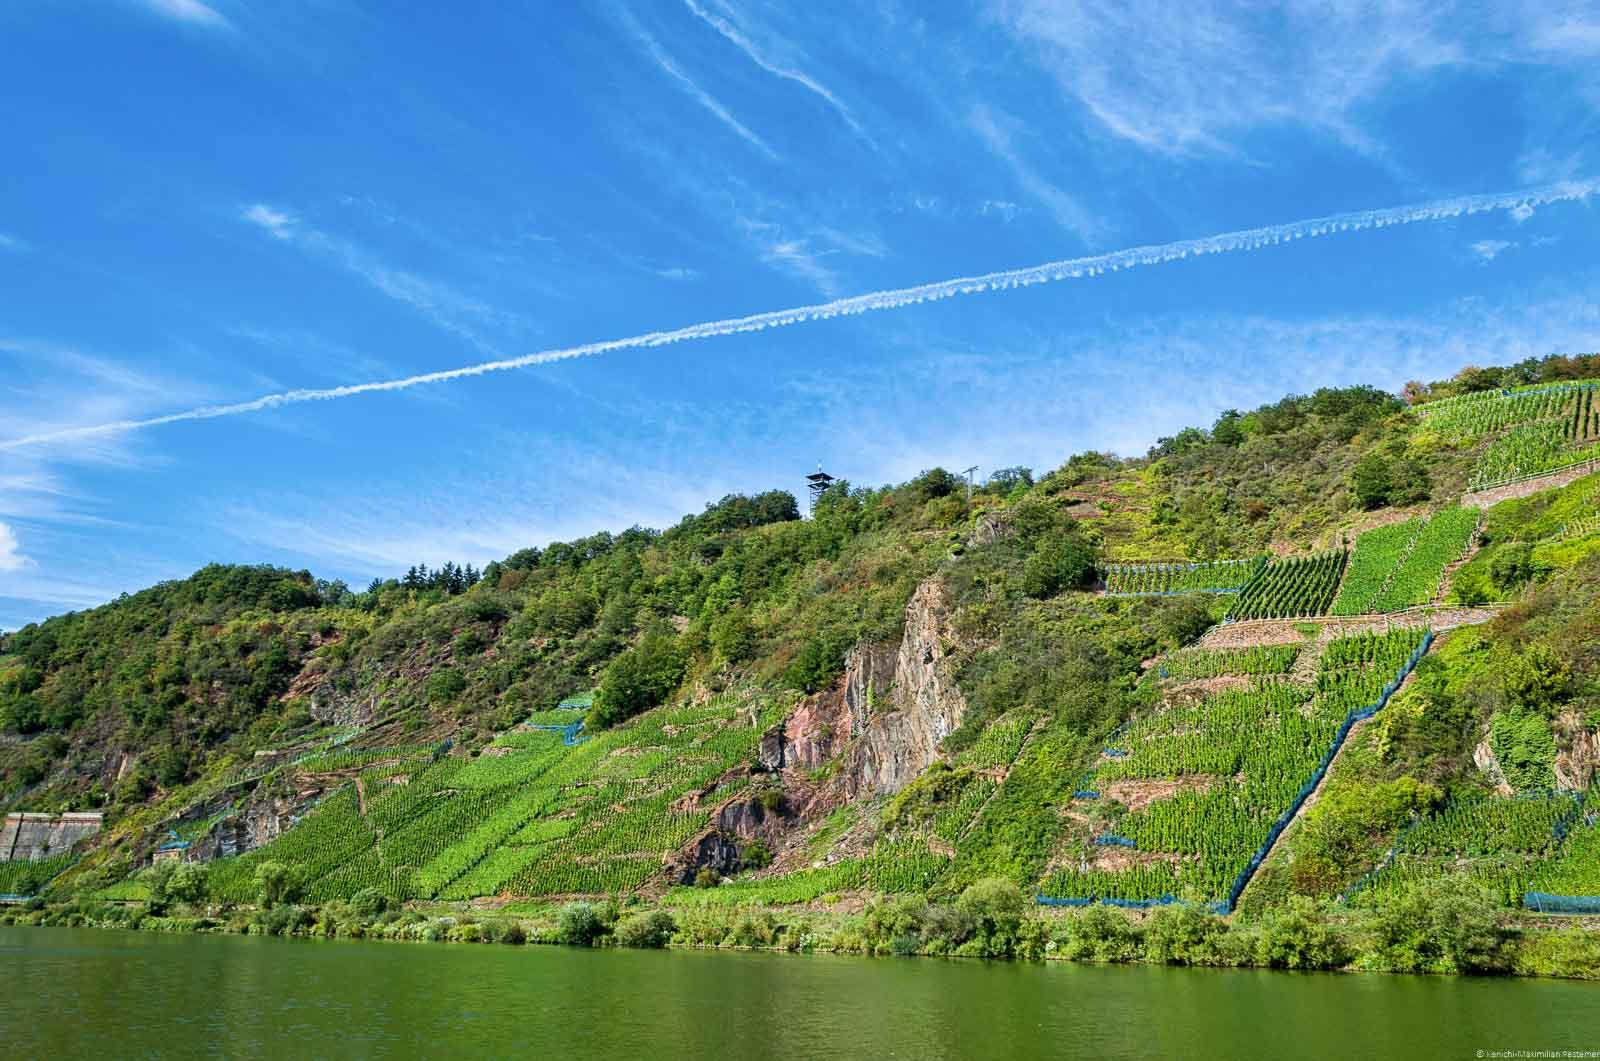 Die Felsterrasse ist ein Teil des Steilhangs Pündericher Marienberg